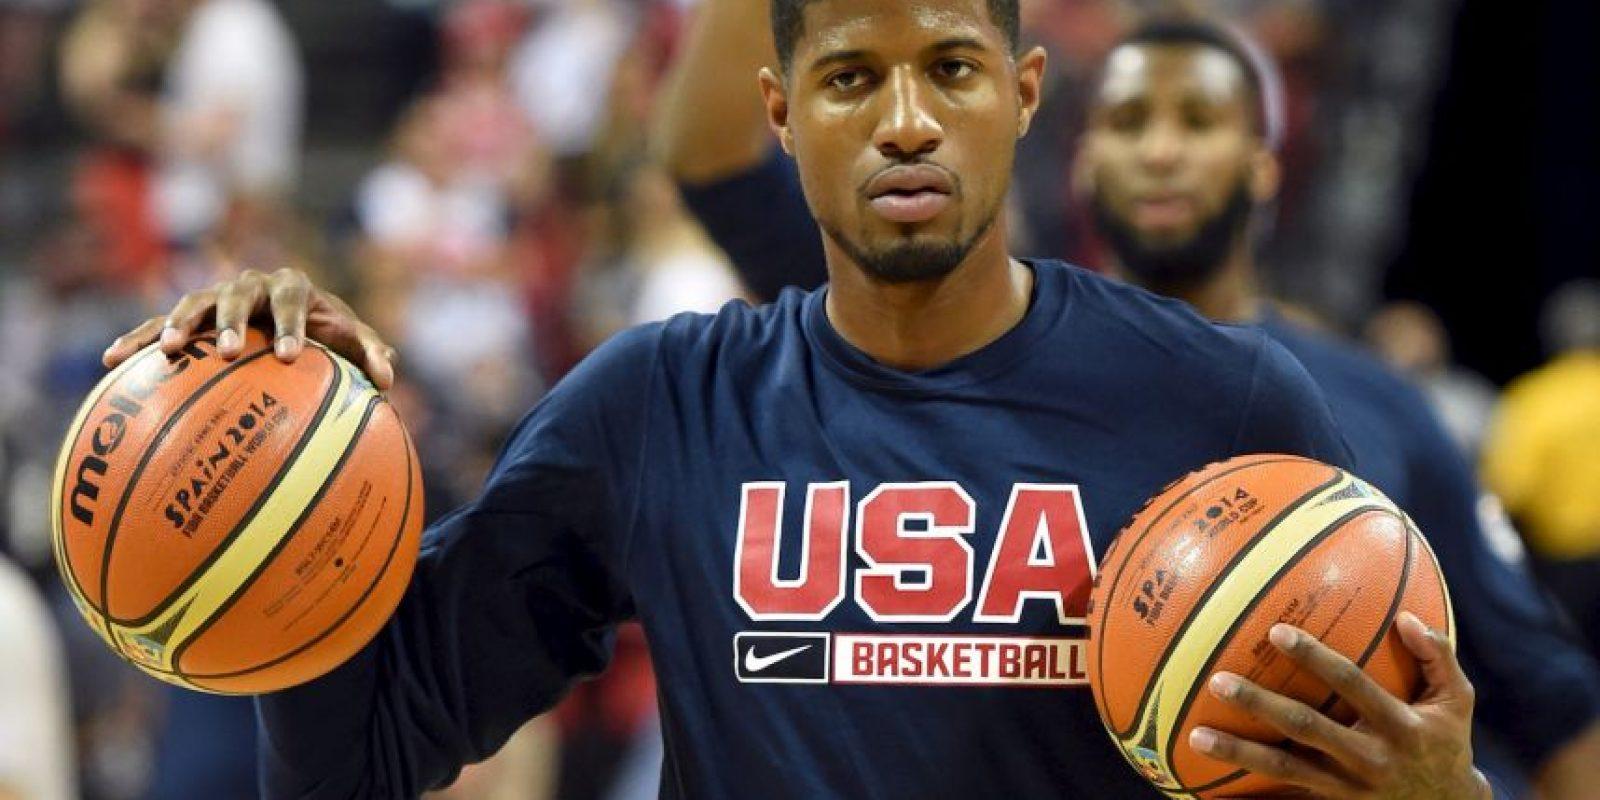 El basquetbolista de los Pacers ofreció un millón de dólares a la strpiper Daniel Rajic para que abortara el hijo que procrearon en una noche de pasión Foto:Getty Images